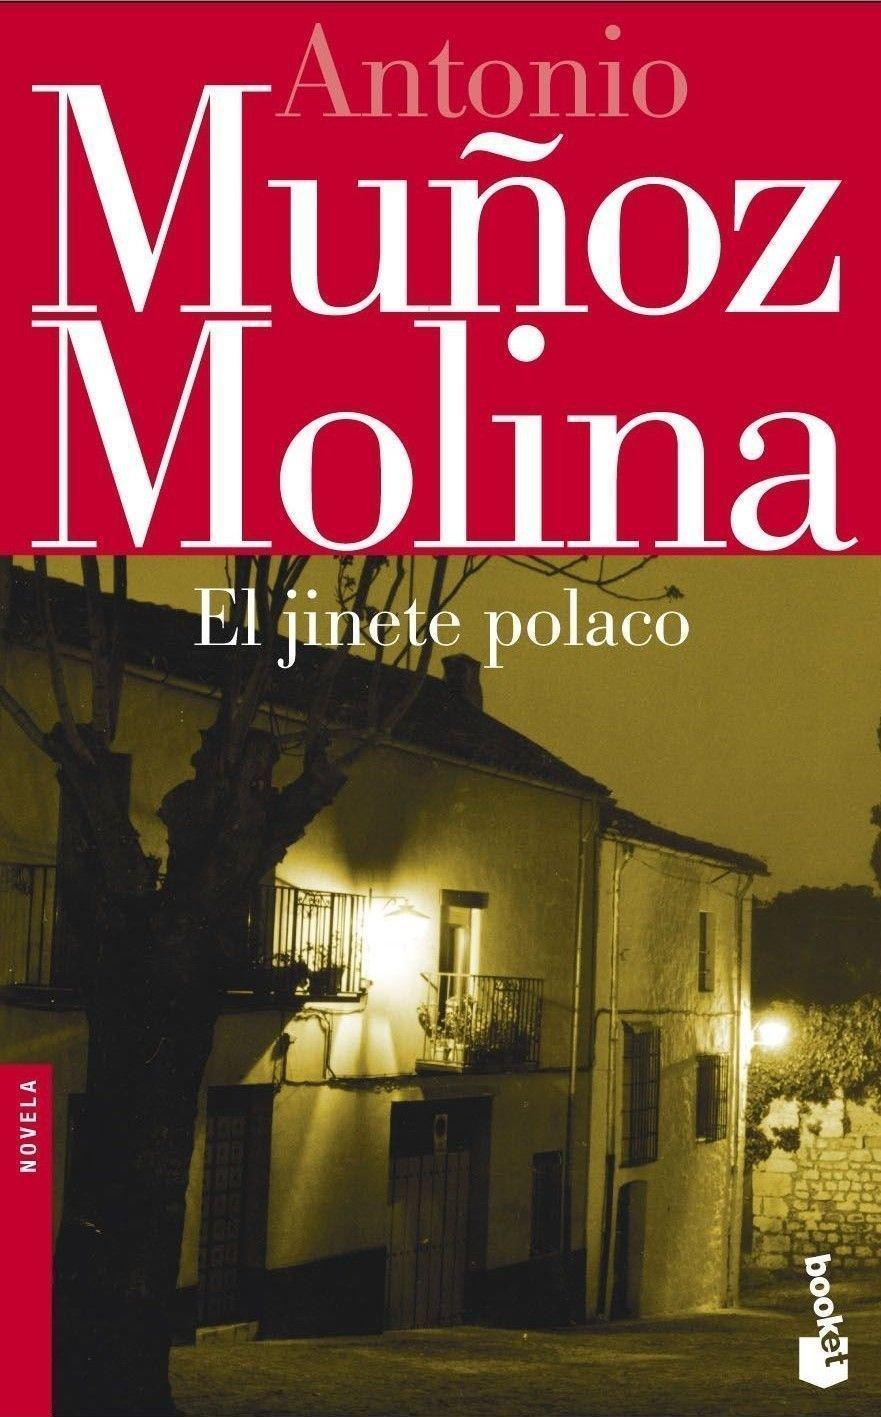 El jinete polaco (Biblioteca Antonio Muñoz Molina): Amazon.es: Muñoz Molina, Antonio: Libros